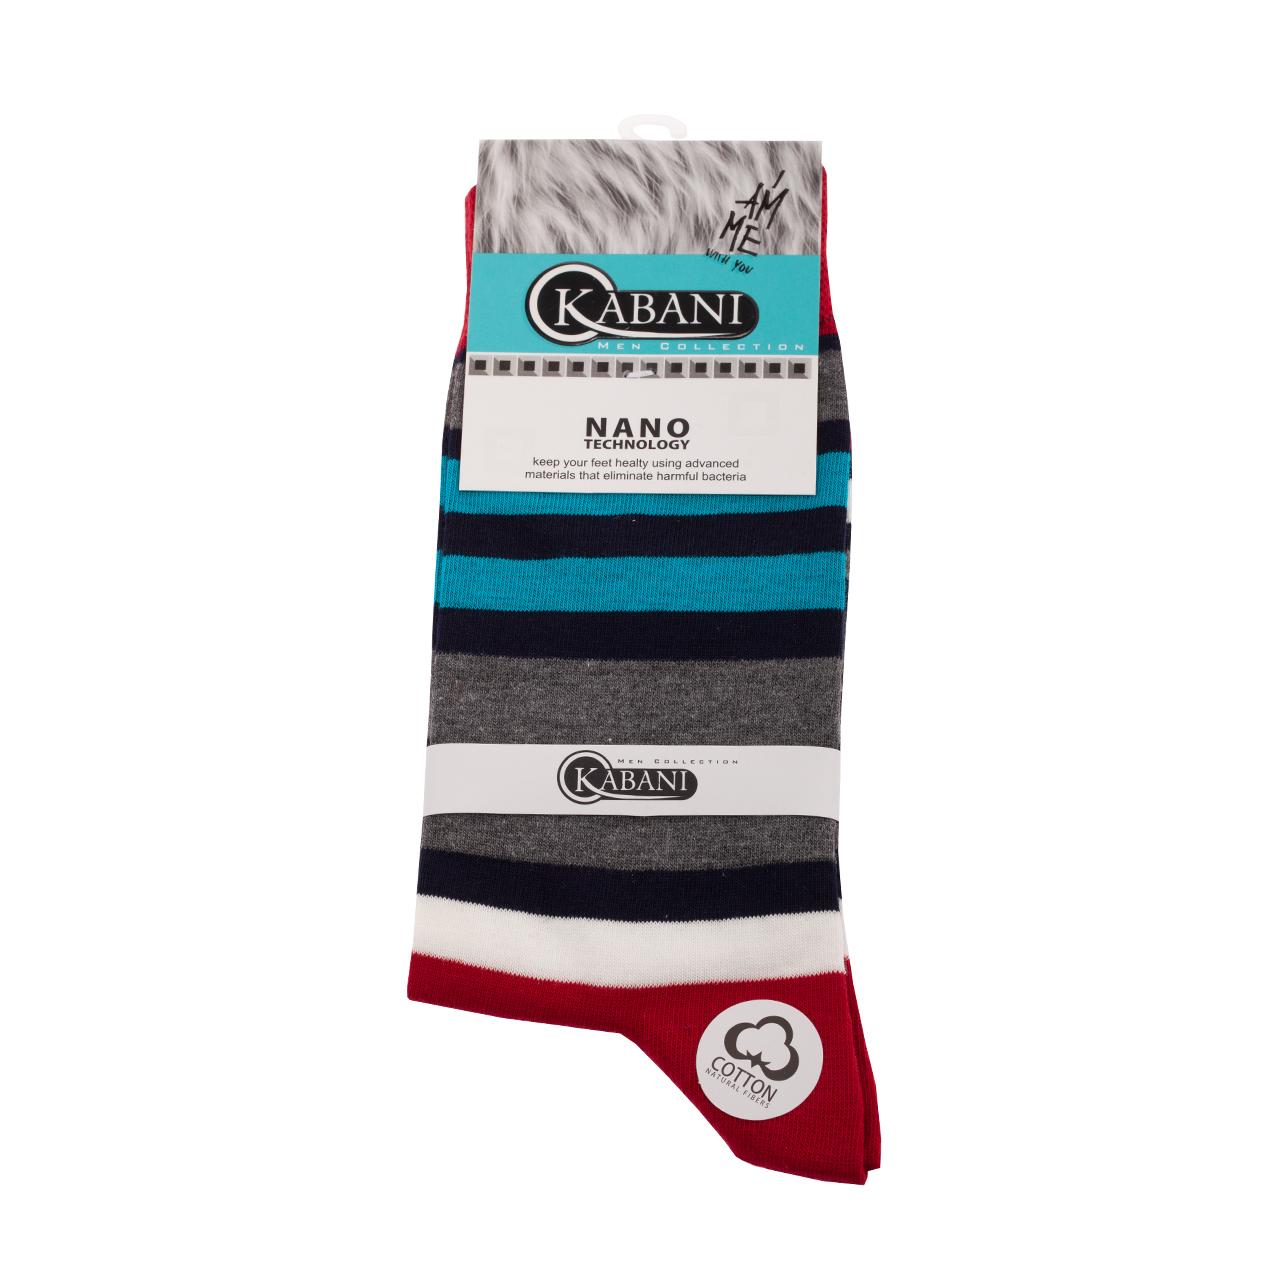 جوراب مردانه کابانی مدل SAJ2020 کد 108 -  - 2